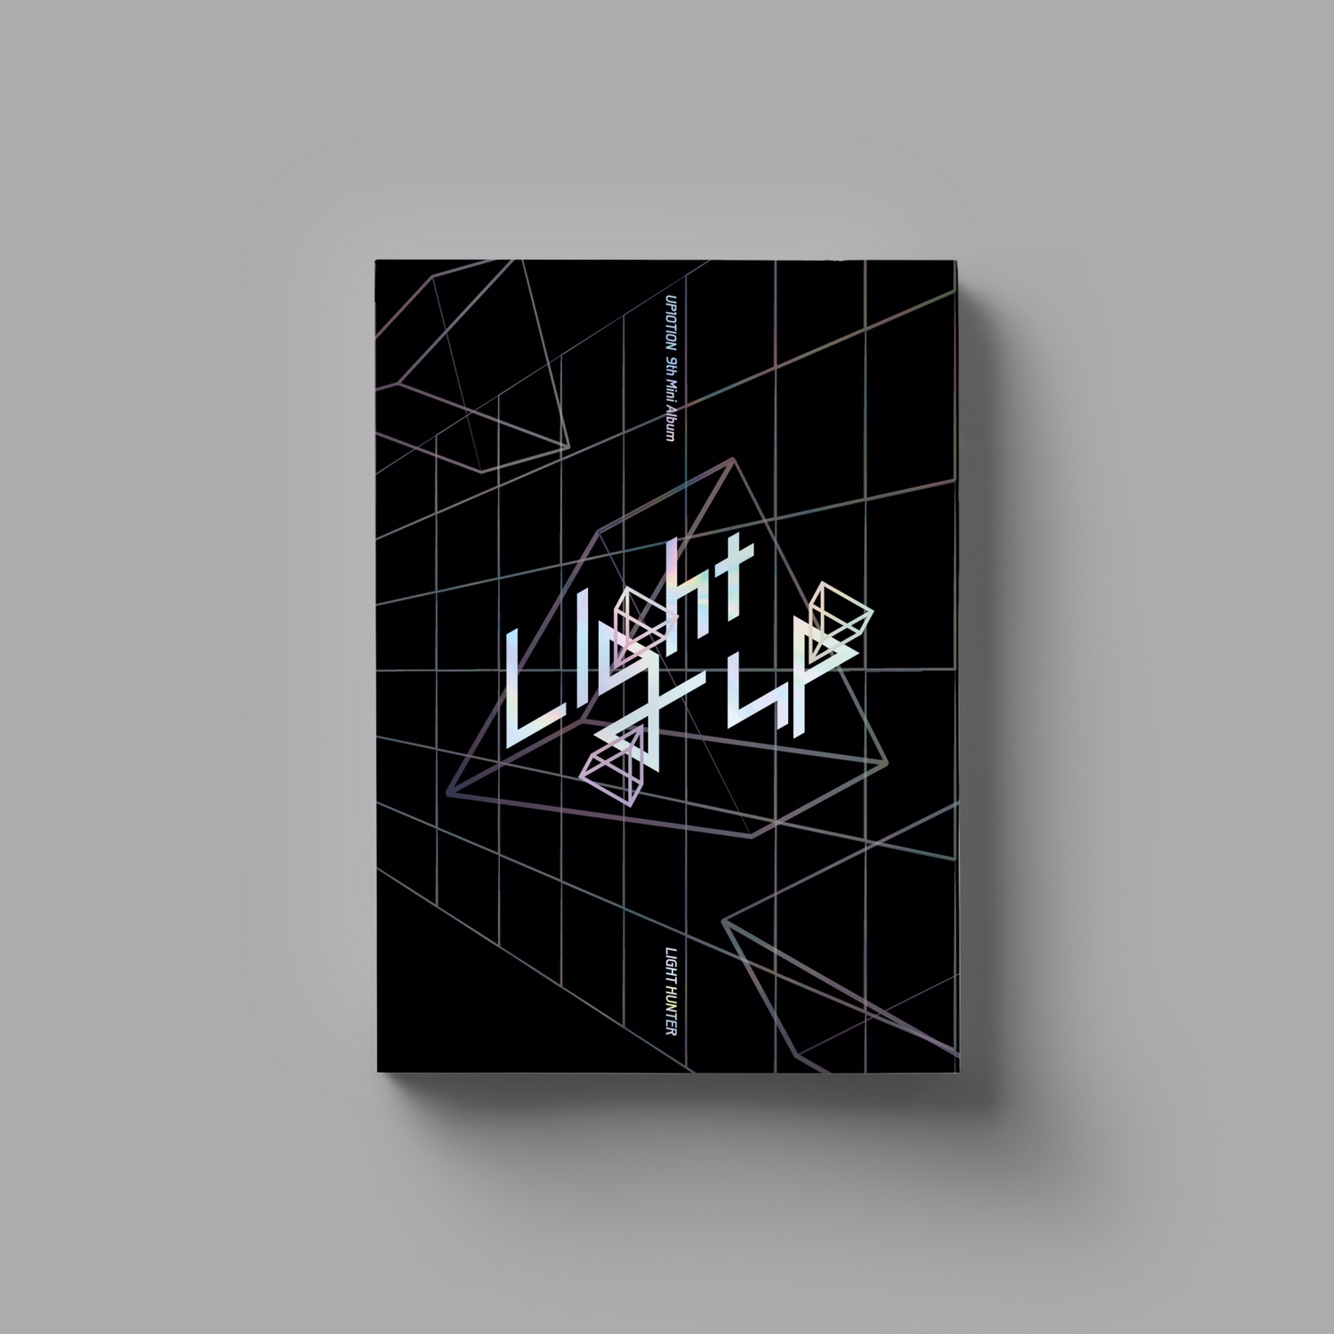 업텐션 - 미니앨범 9집 [Light UP] (LIGHT HUNTER Ver.)케이팝스토어(kpop store)